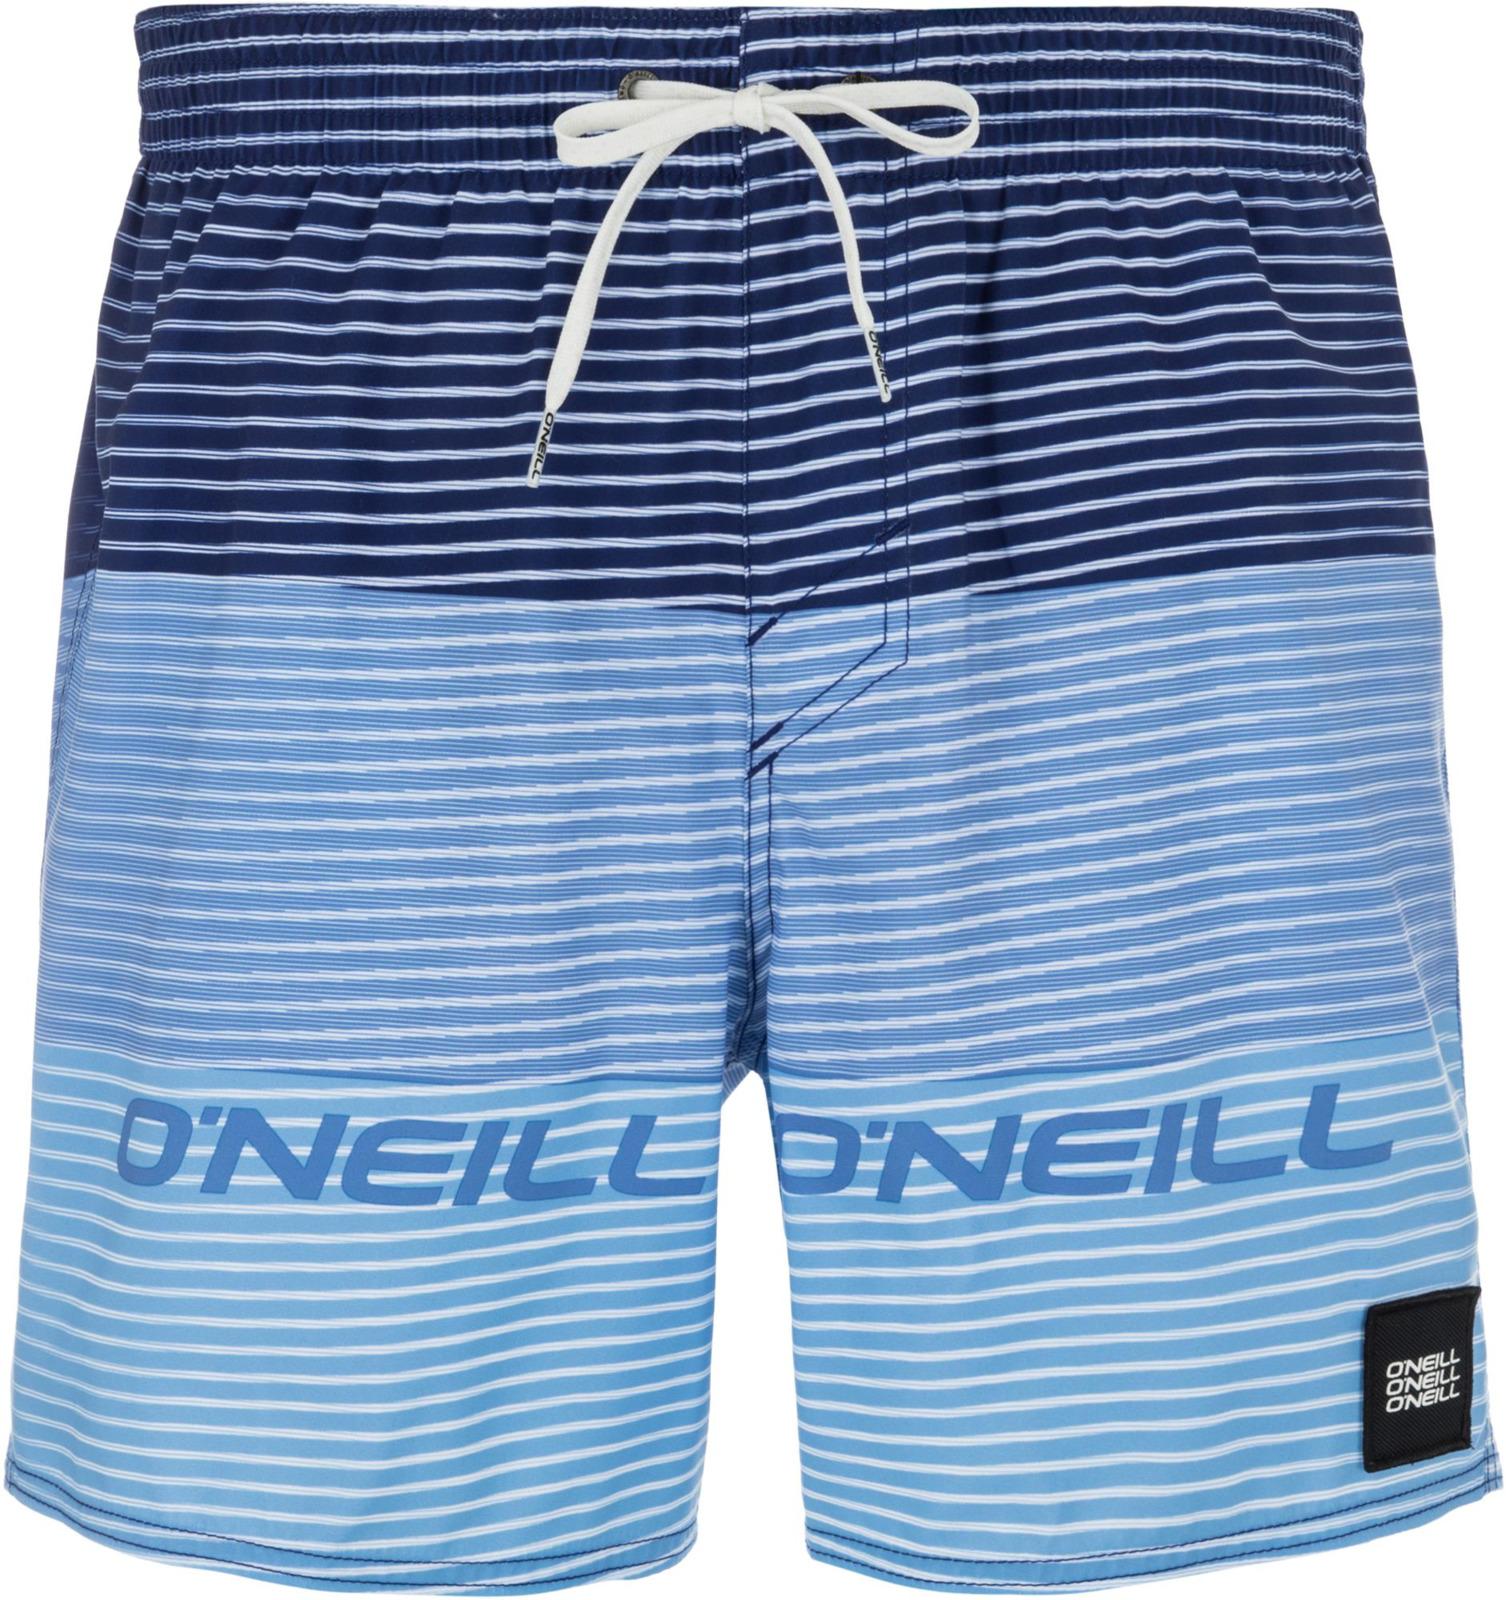 Шорты O'Neill шорты мужские o neill hm sunstroke shorts цвет темно синий голубой 9a3616 5950 размер xxl 54 56